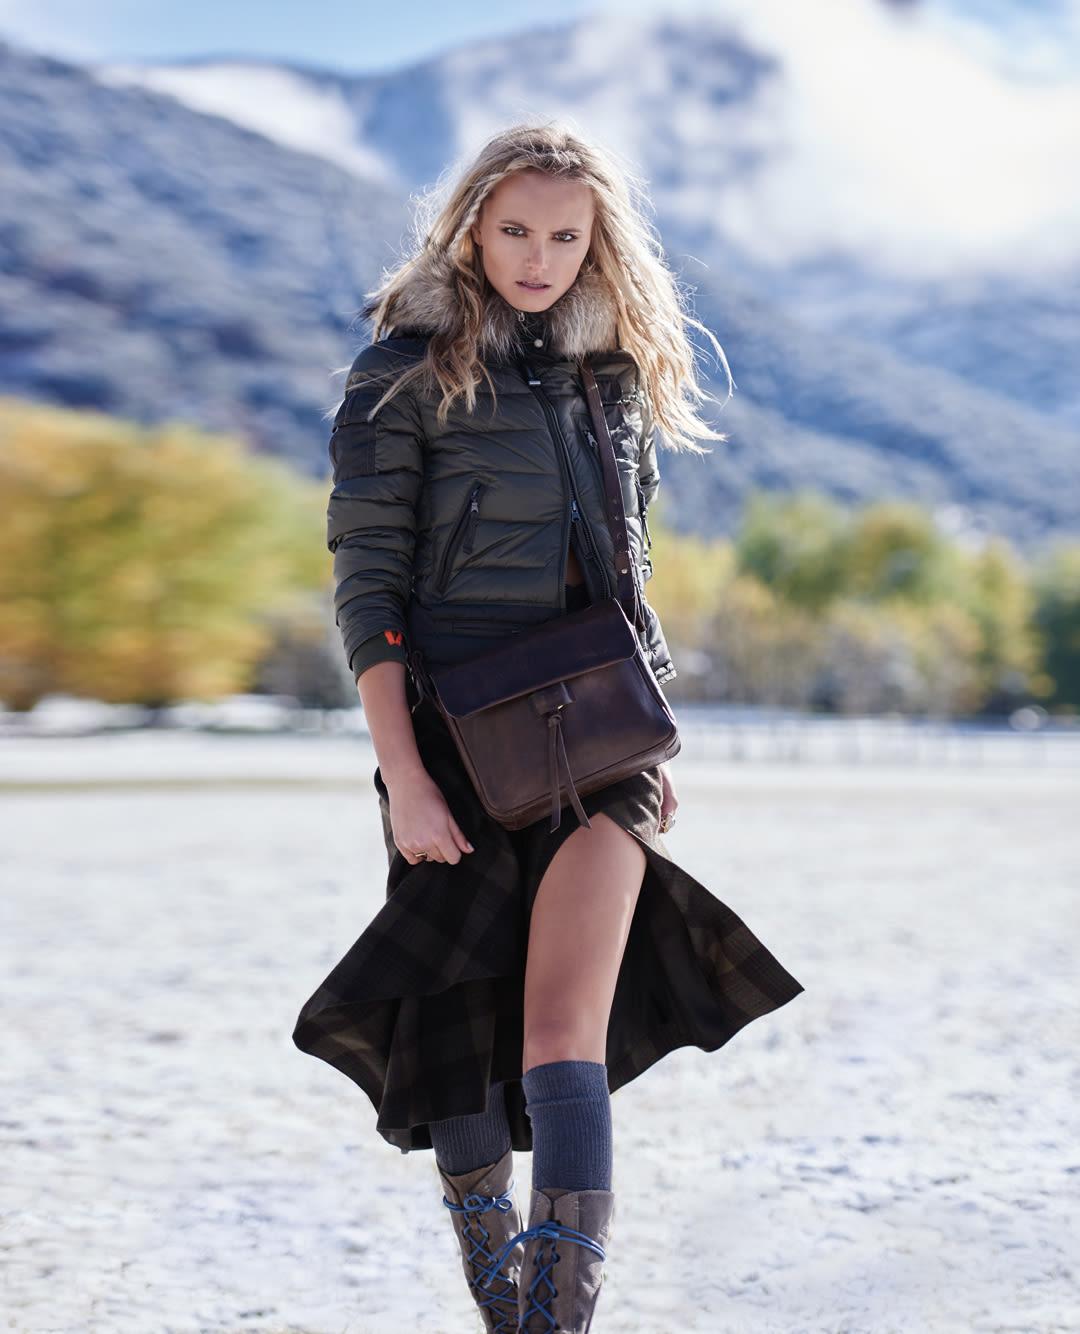 Hol16 fashion1 qh4iy4